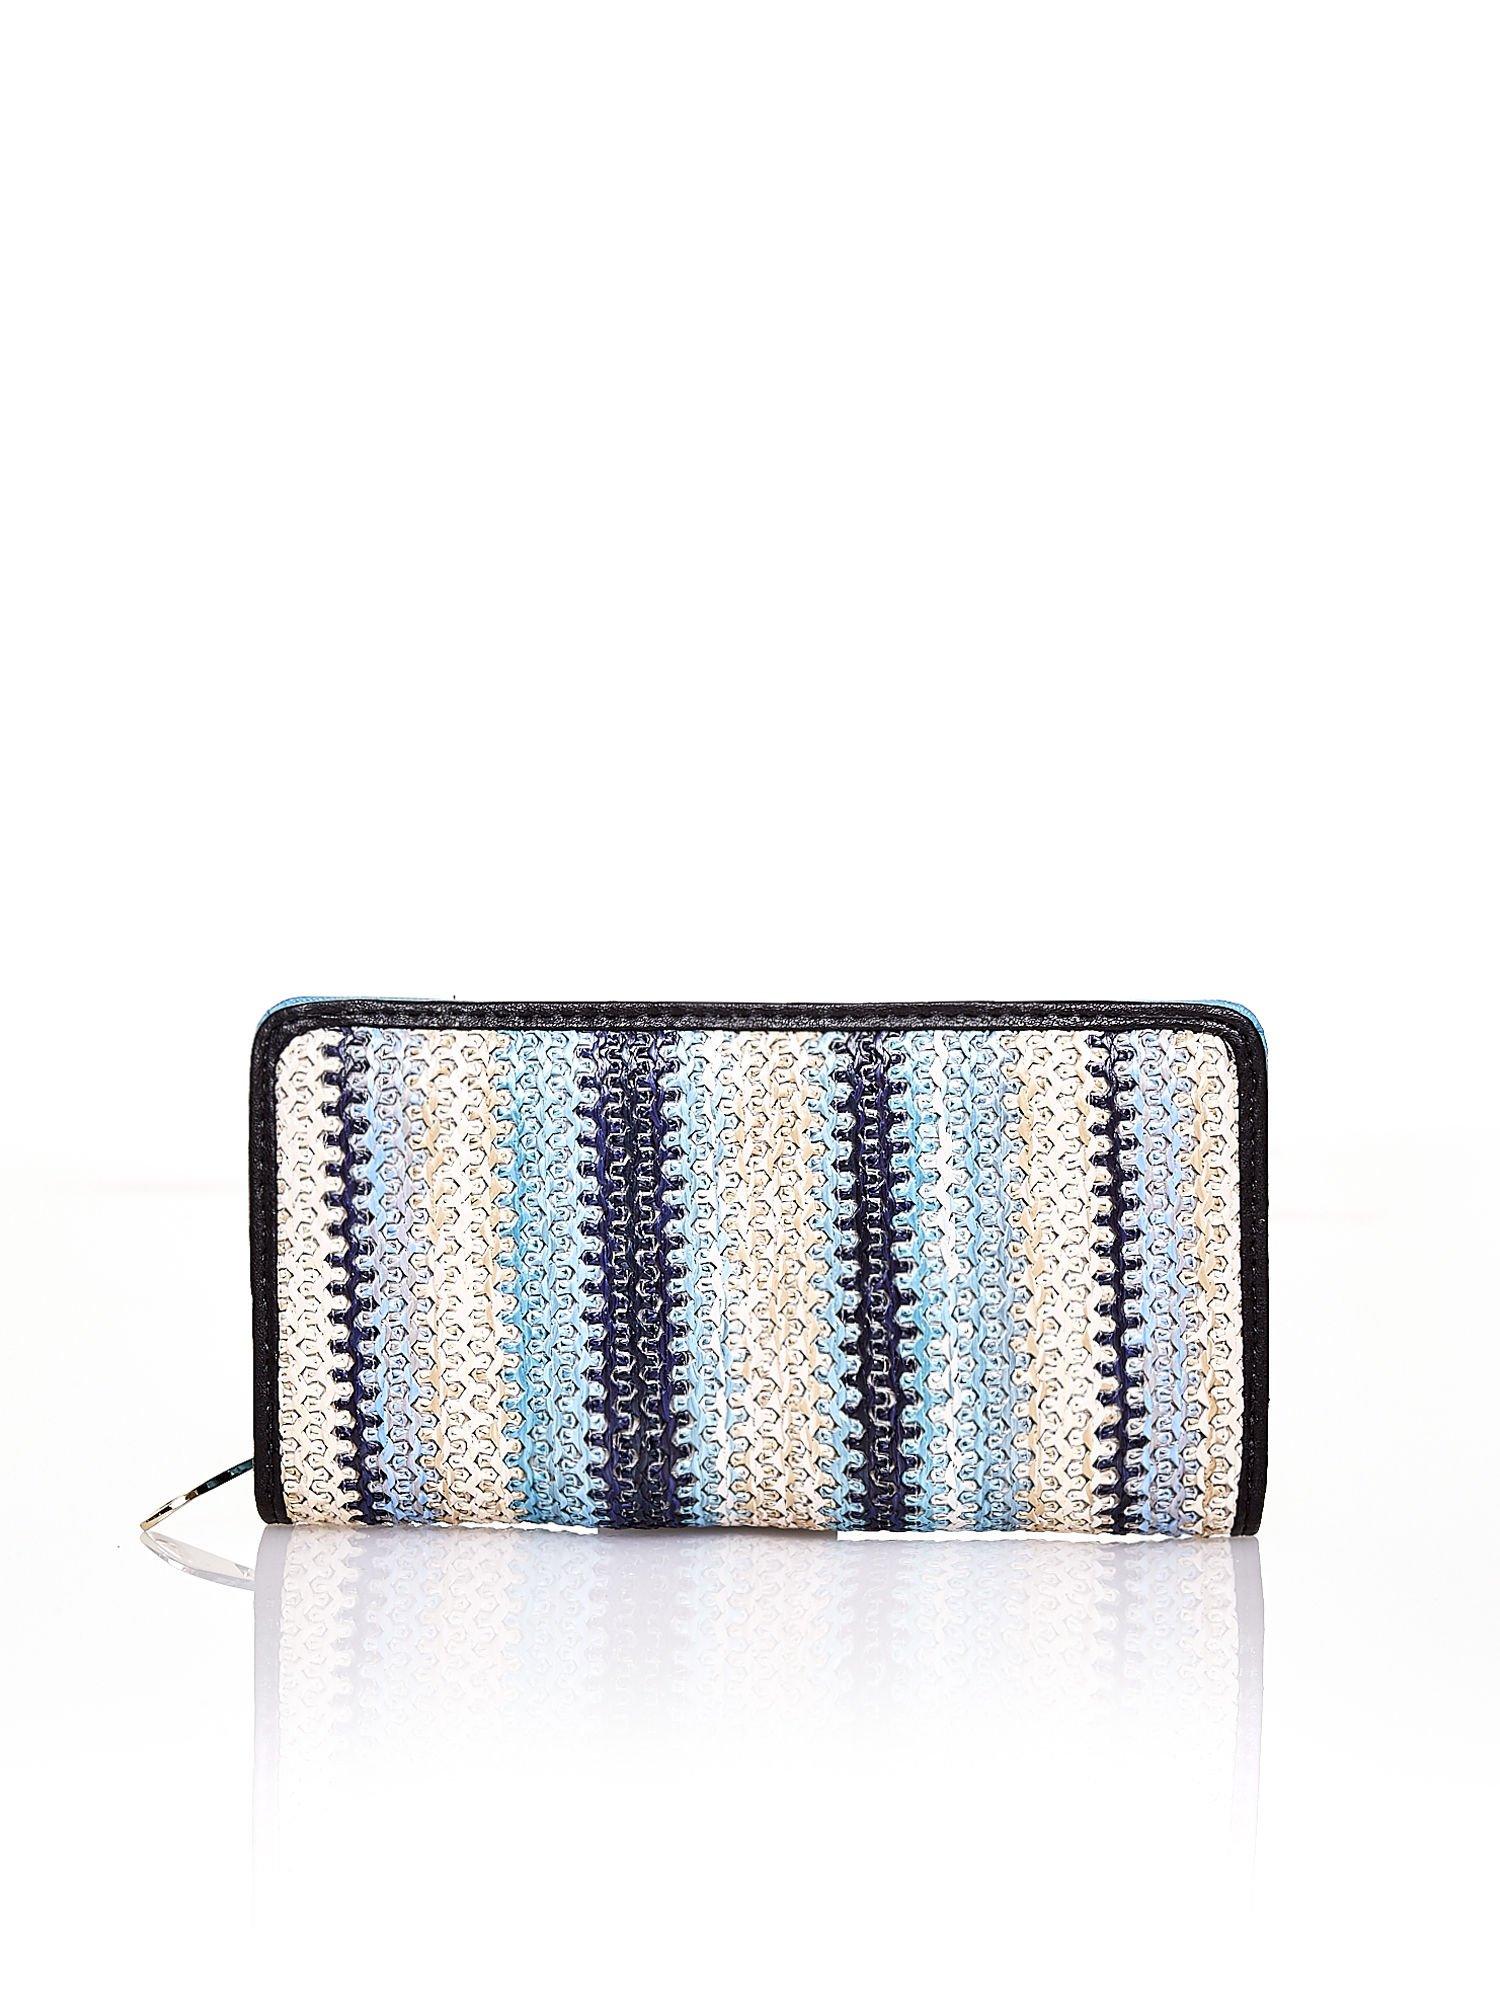 Niebieski pleciony portfel w pionowe granatowe paski                                  zdj.                                  1